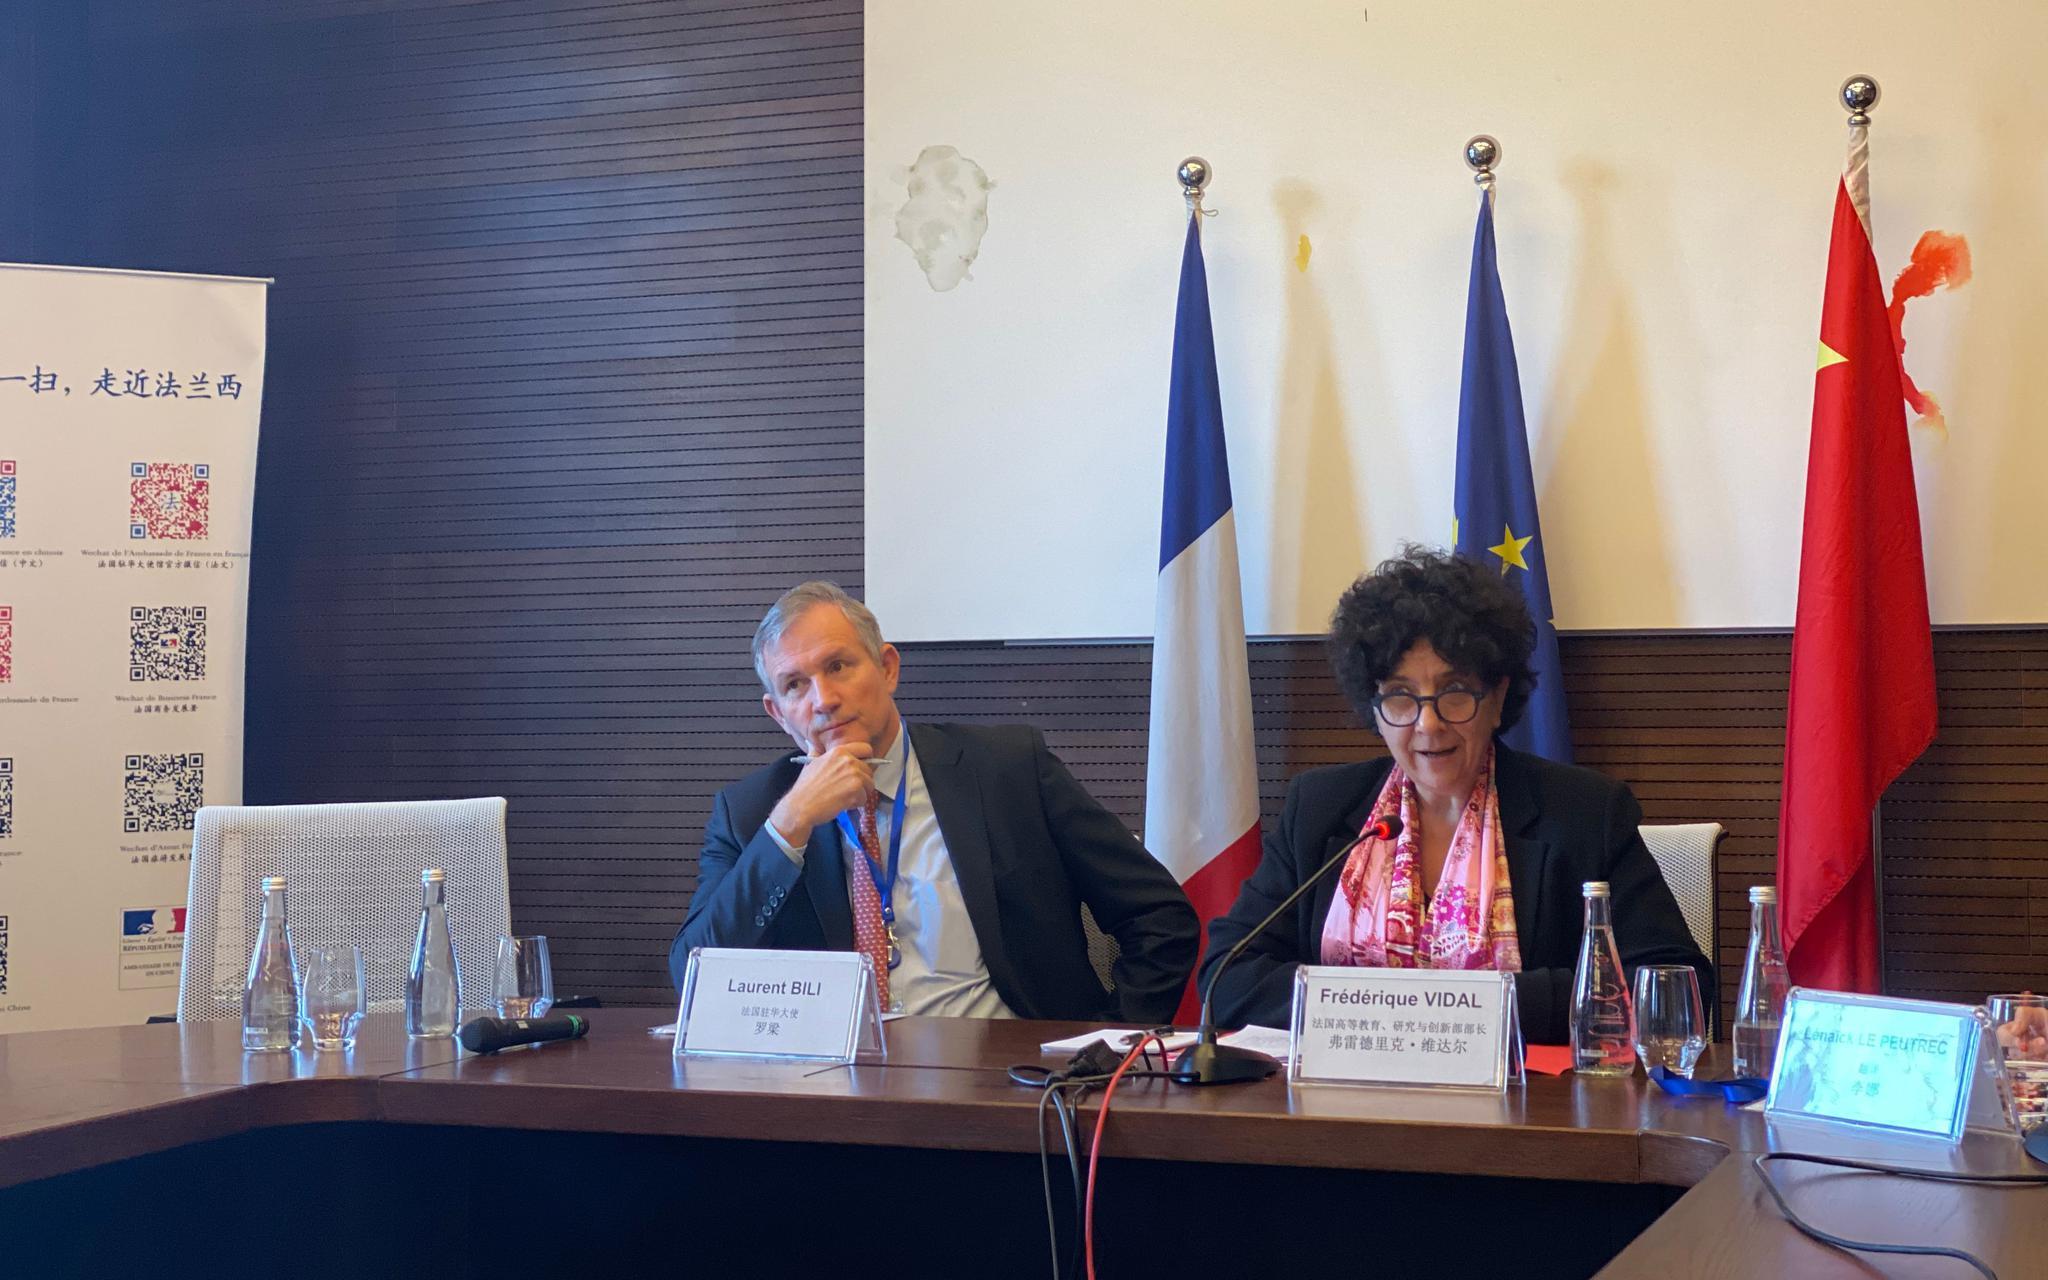 法国高等教育、科研与创新部部长:法中将实现文凭互认图片